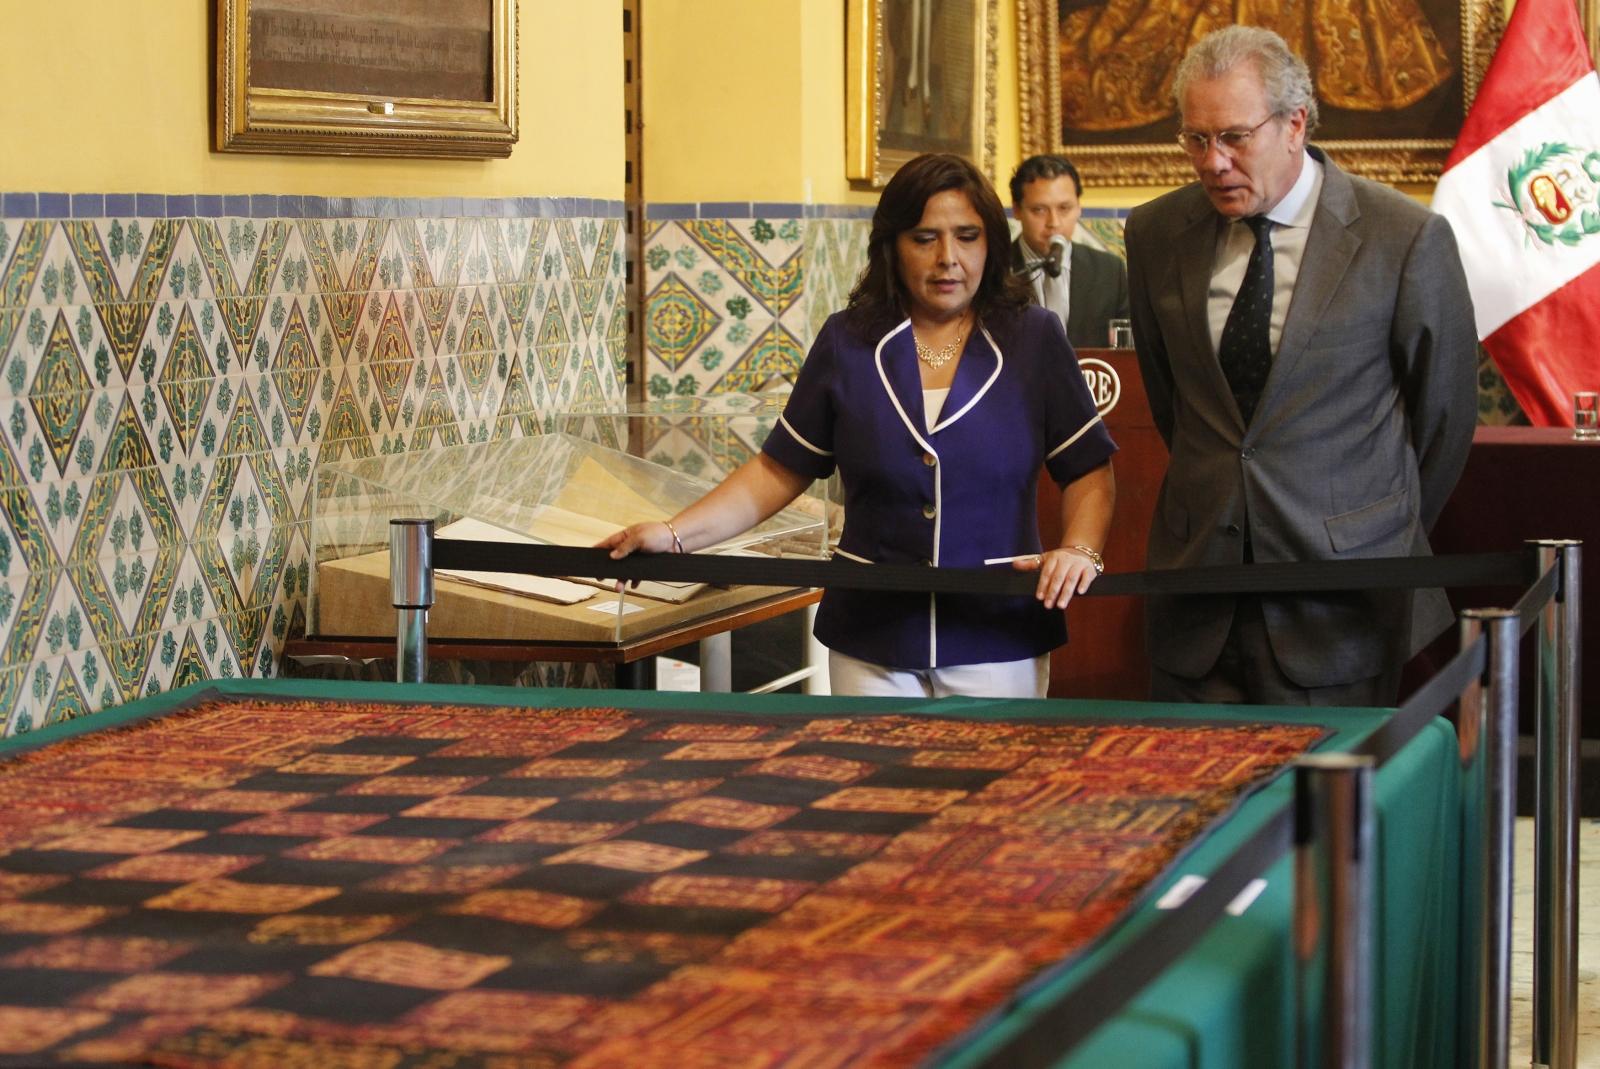 Ana Jara Peru PM